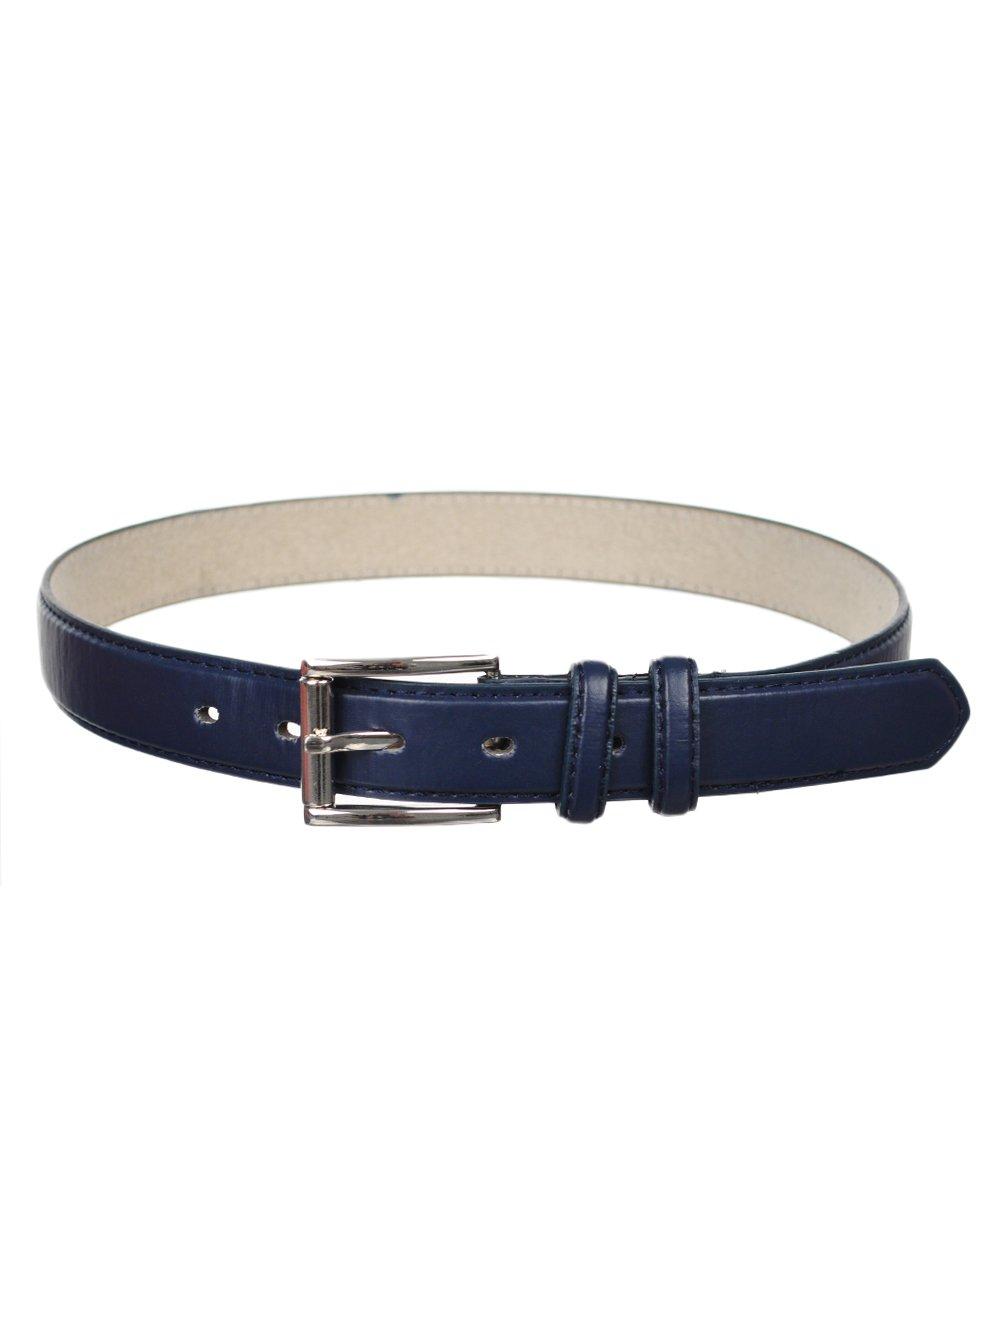 Mario Lorenzi Big Boys' Belt - black, 24 24